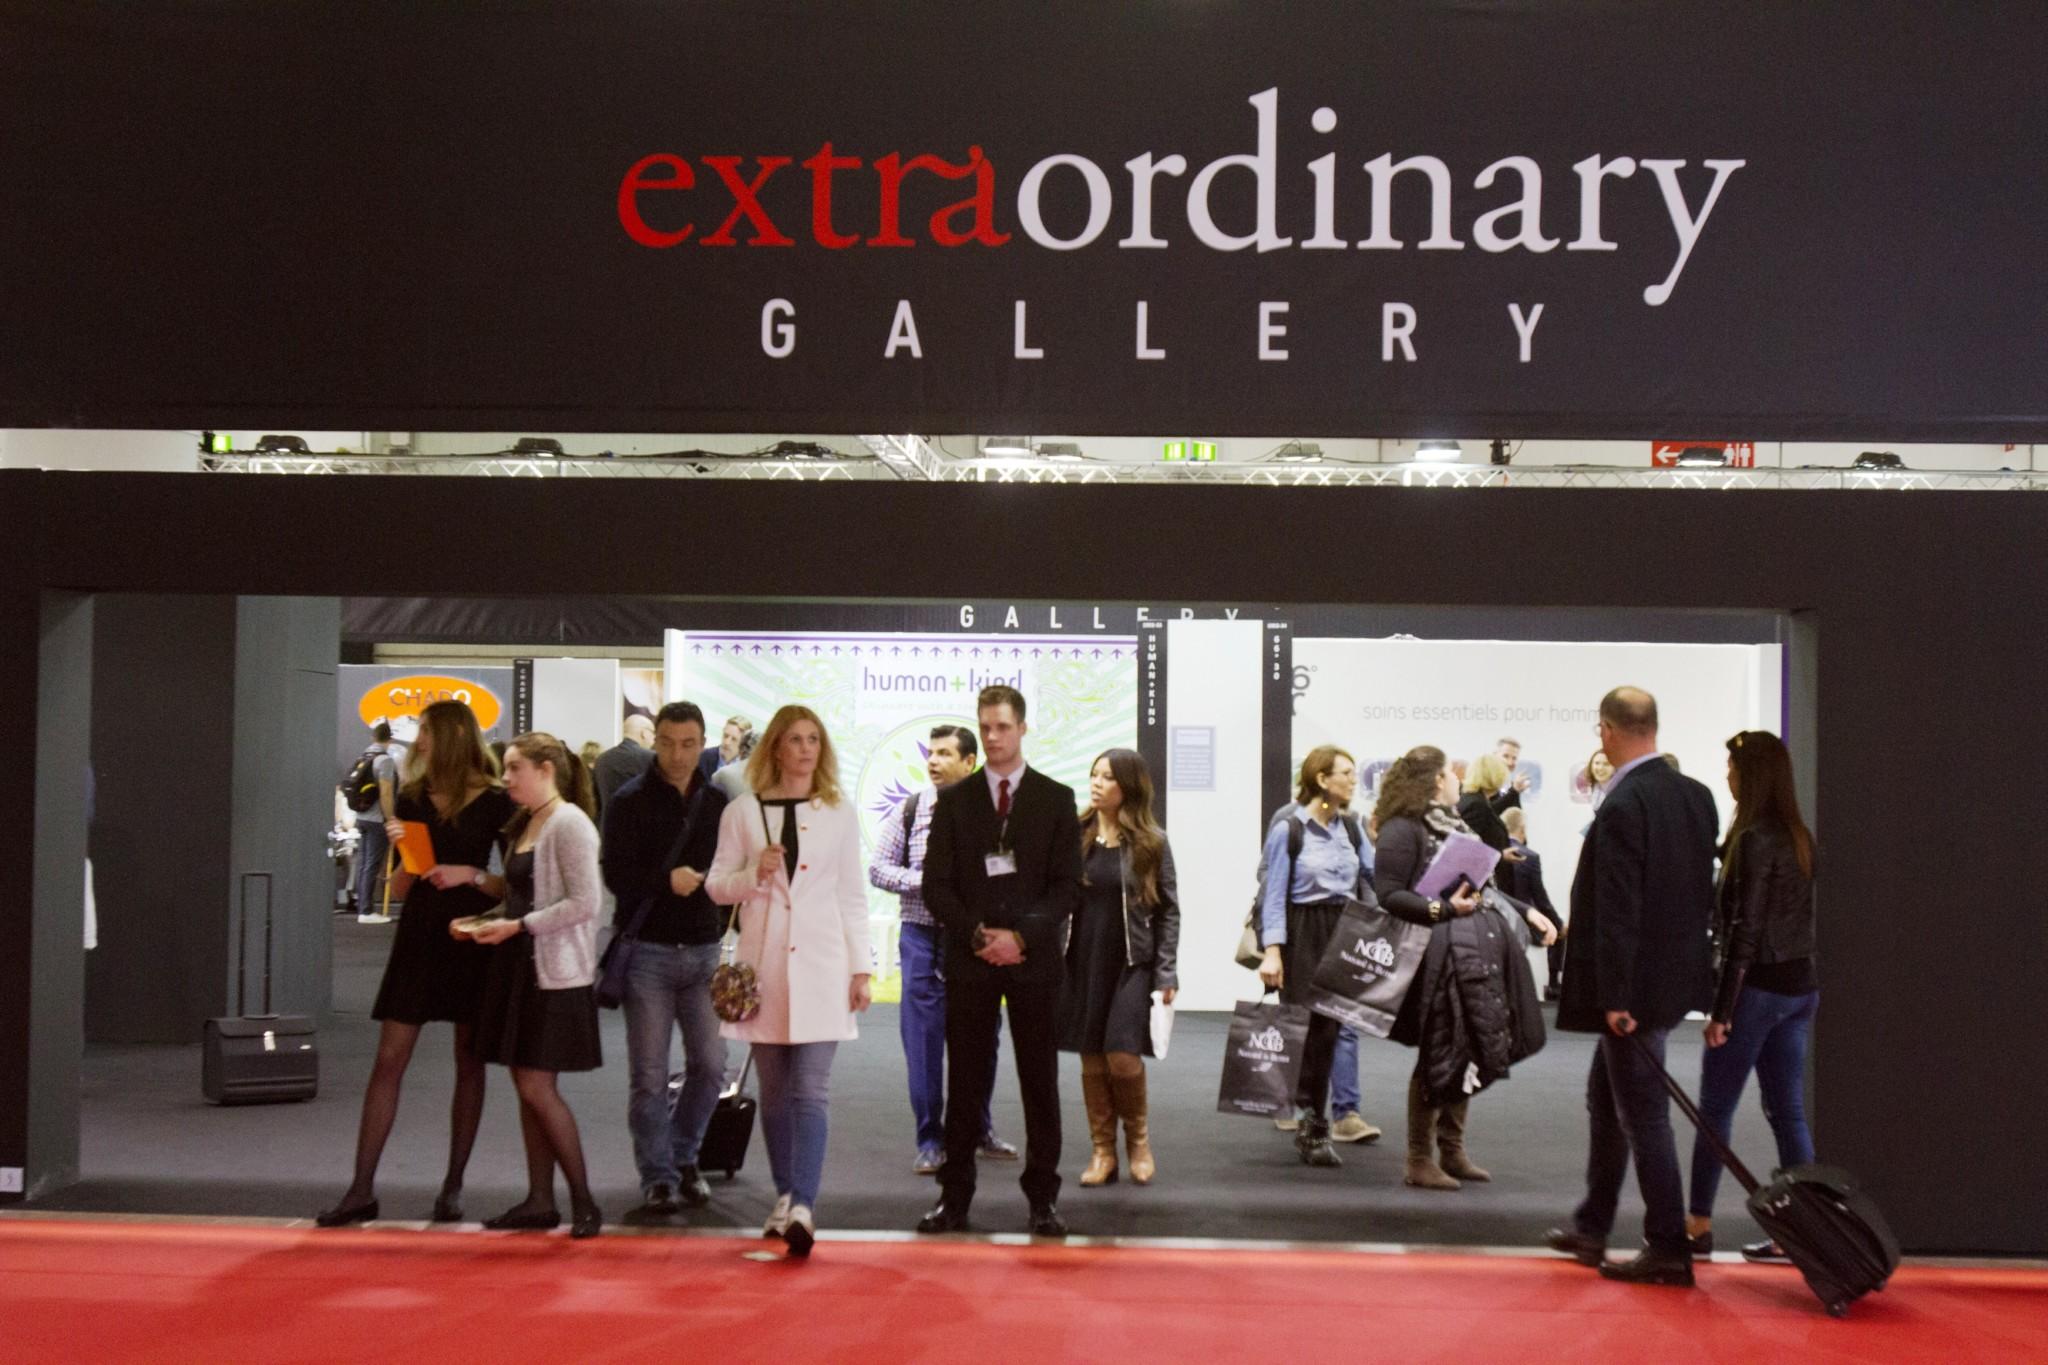 Cosmoprof Extraordinay Gallery